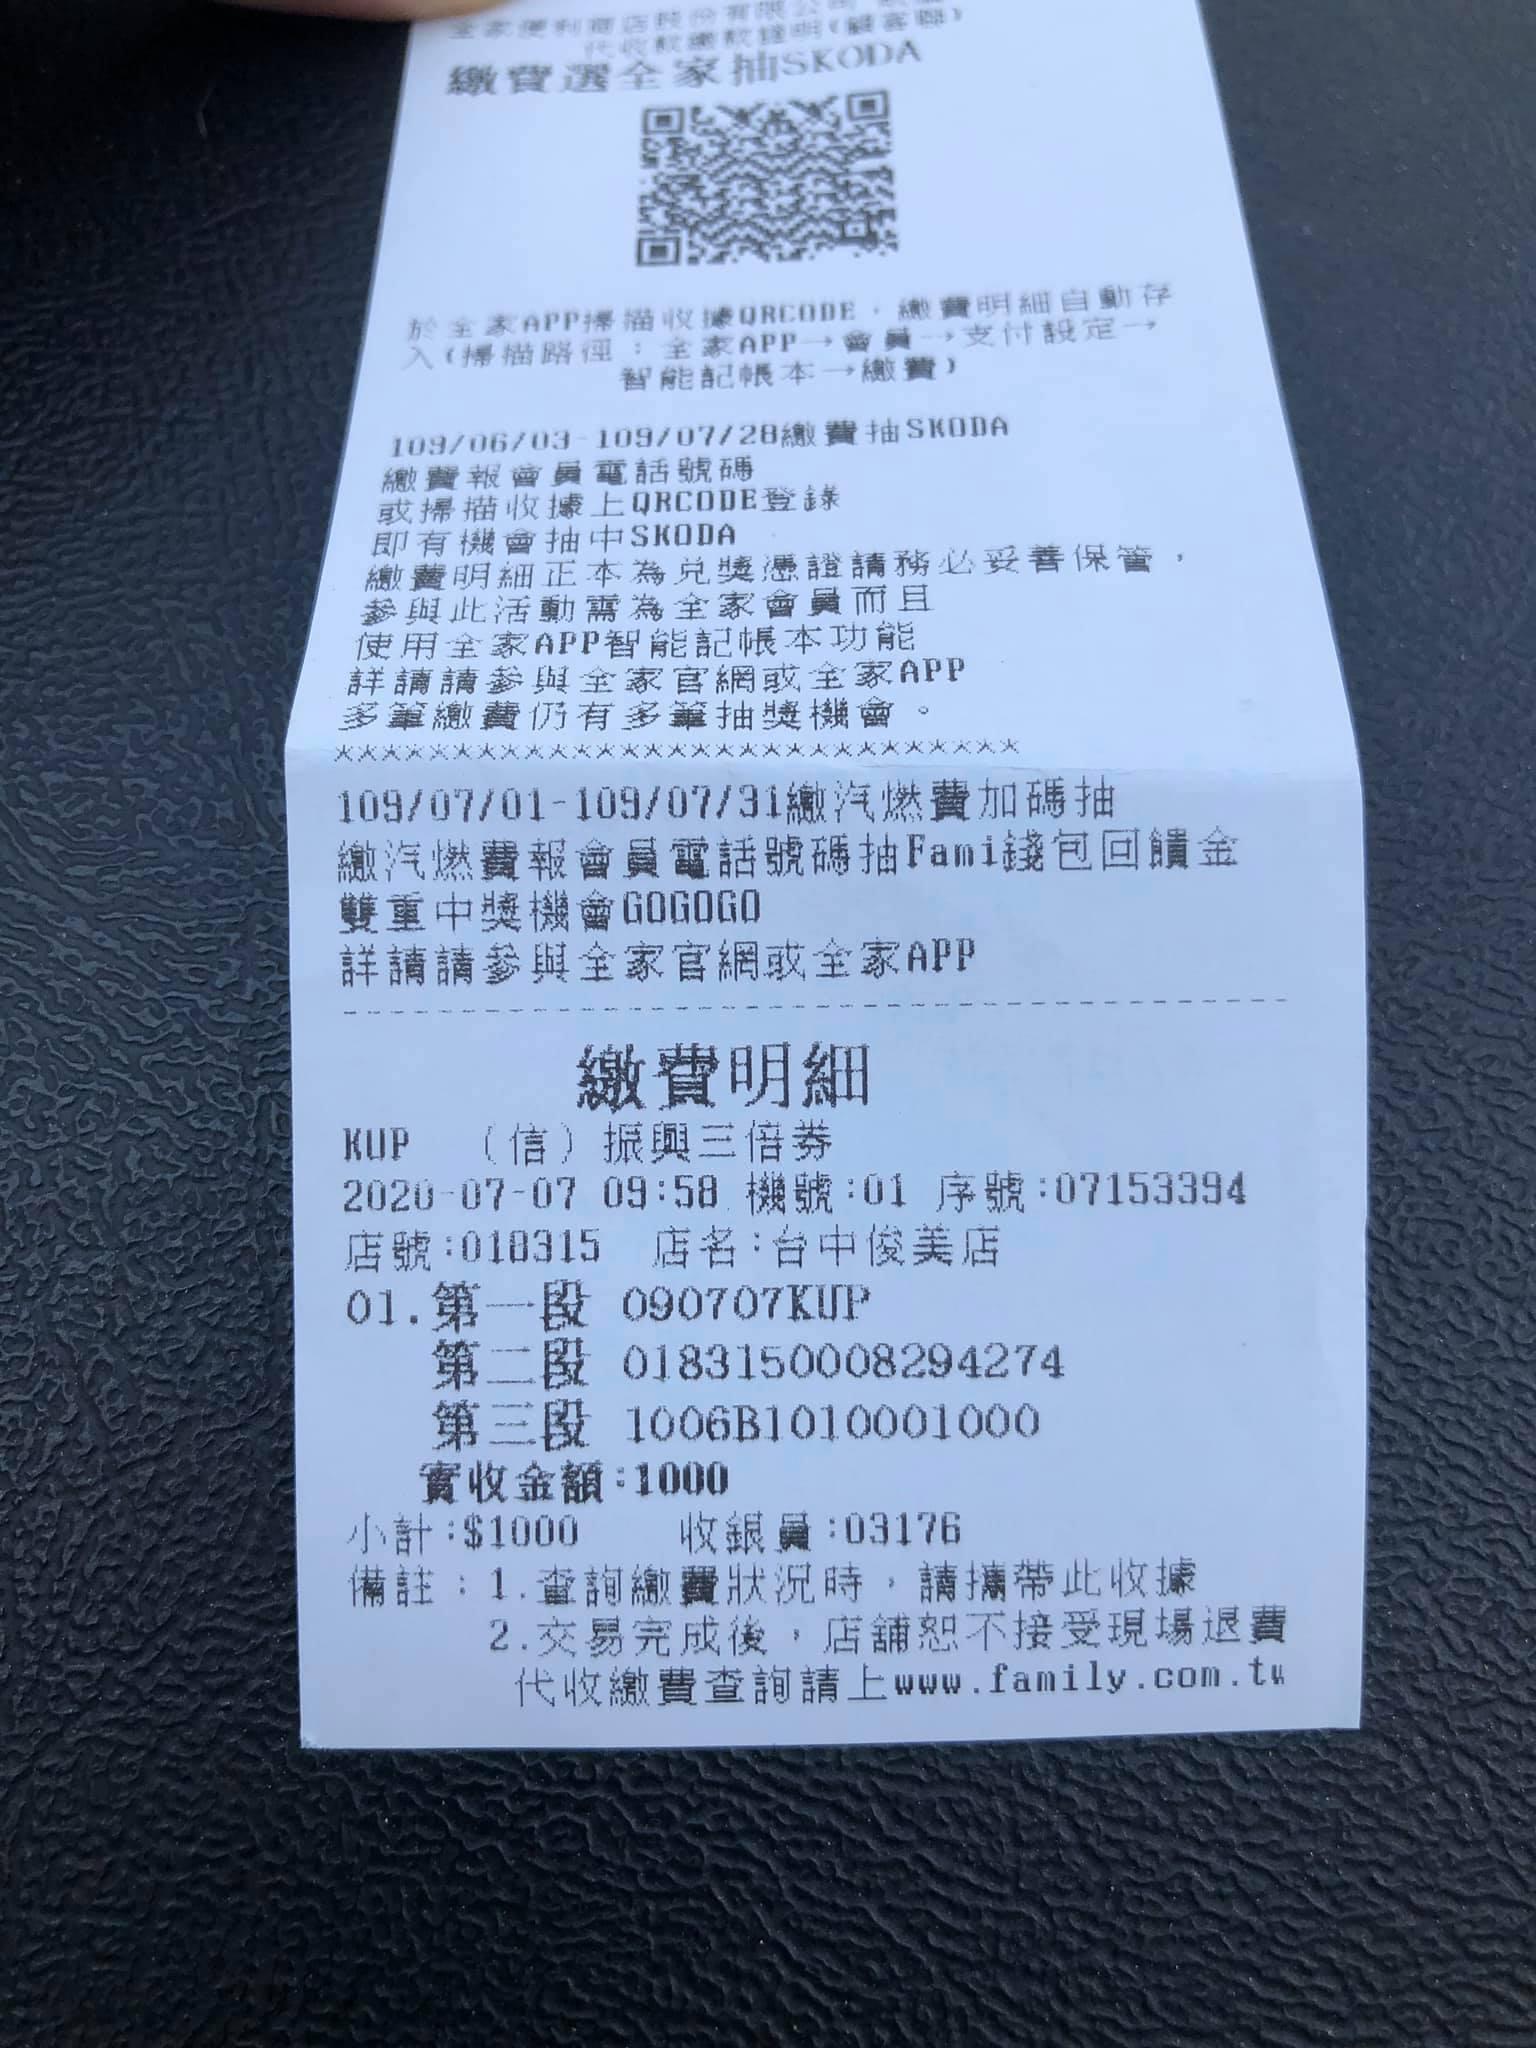 居服員偷老人健保卡「盜領3倍券」網友氣瘋:還騙會寄到家裡